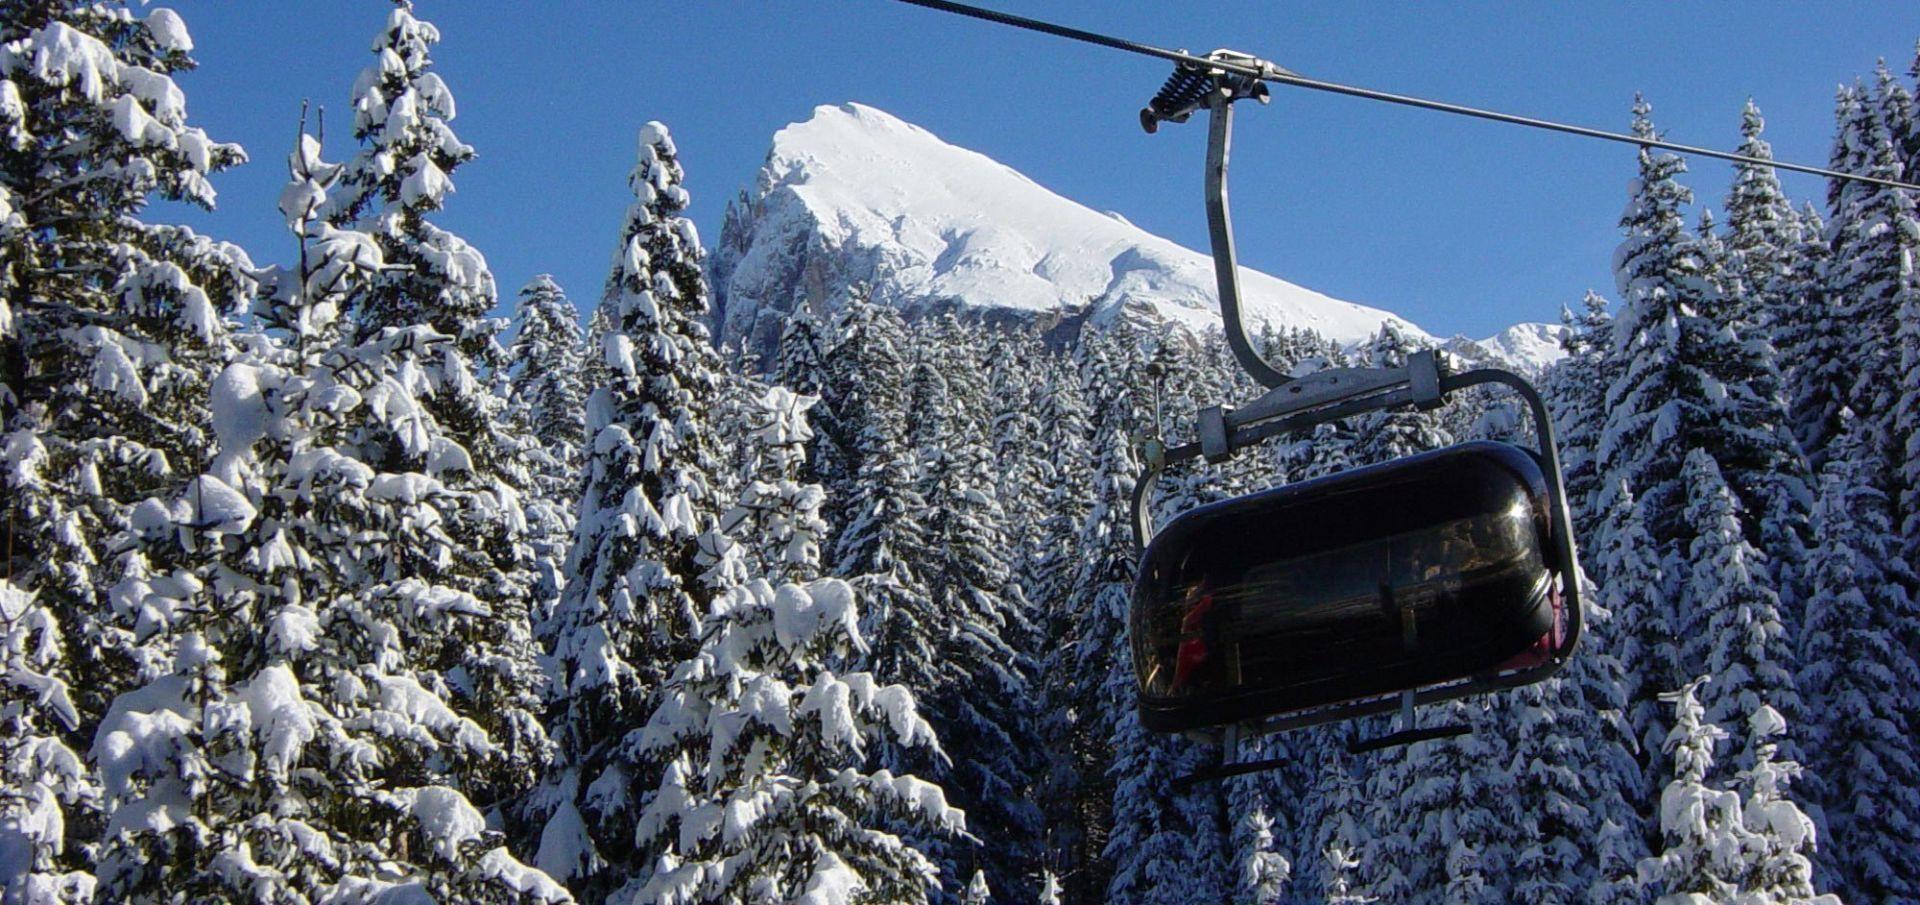 skilift-skigebiet-seiser-alm-kastelruth-florianlift-floralpinalift-22